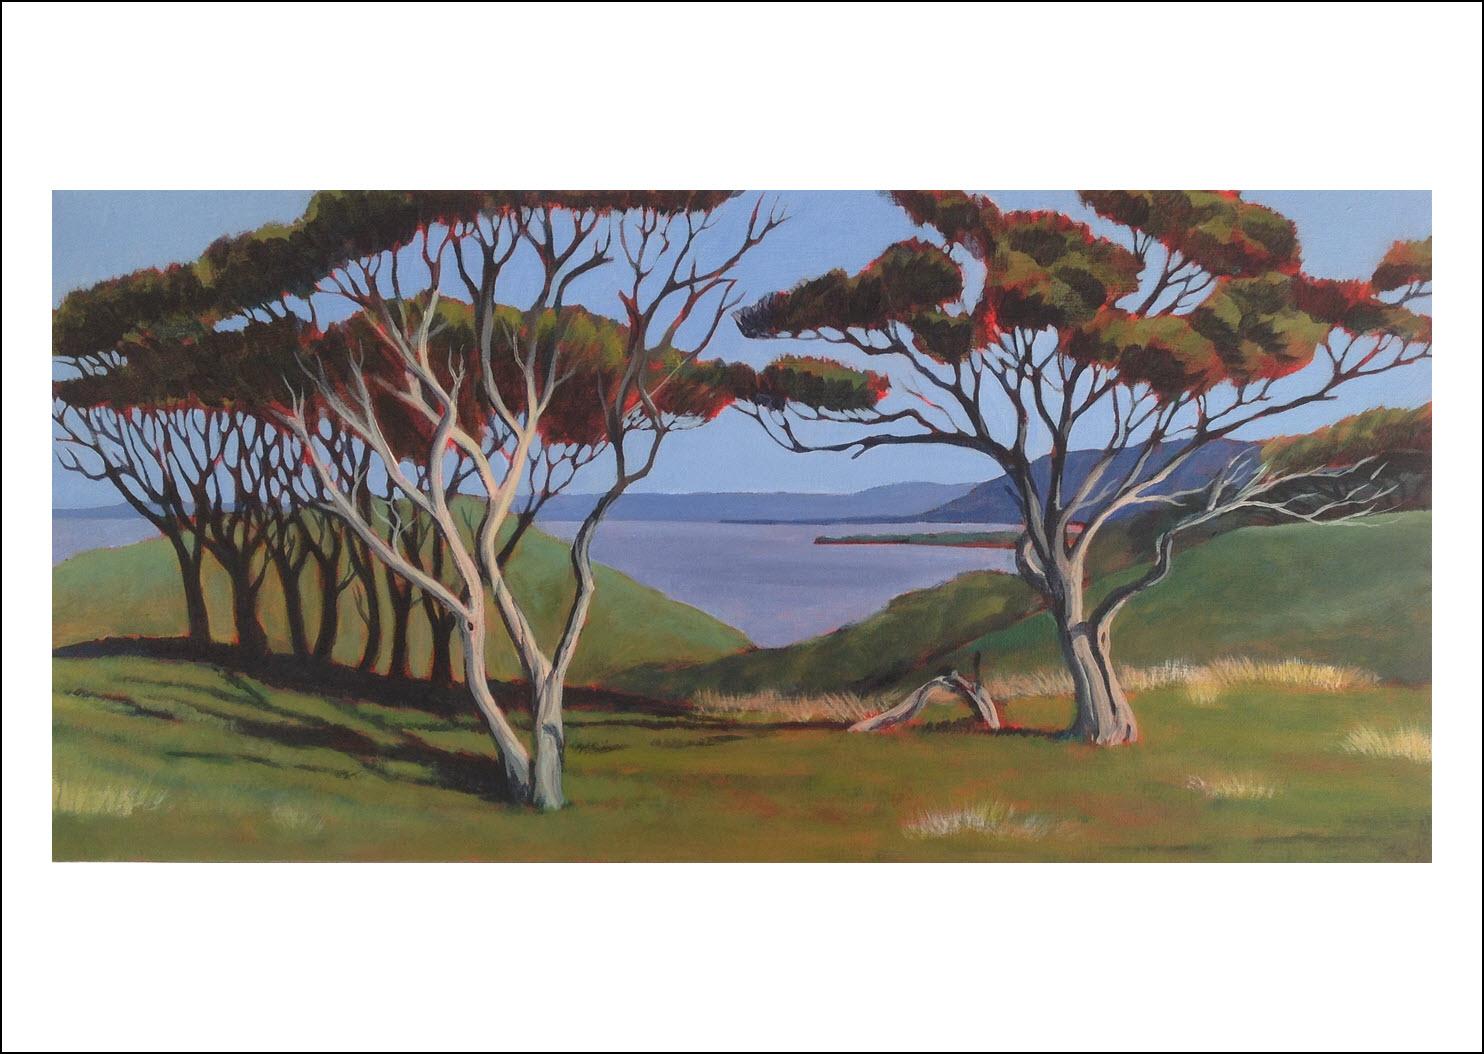 6. Manuka II Wharariki, Golden Bay